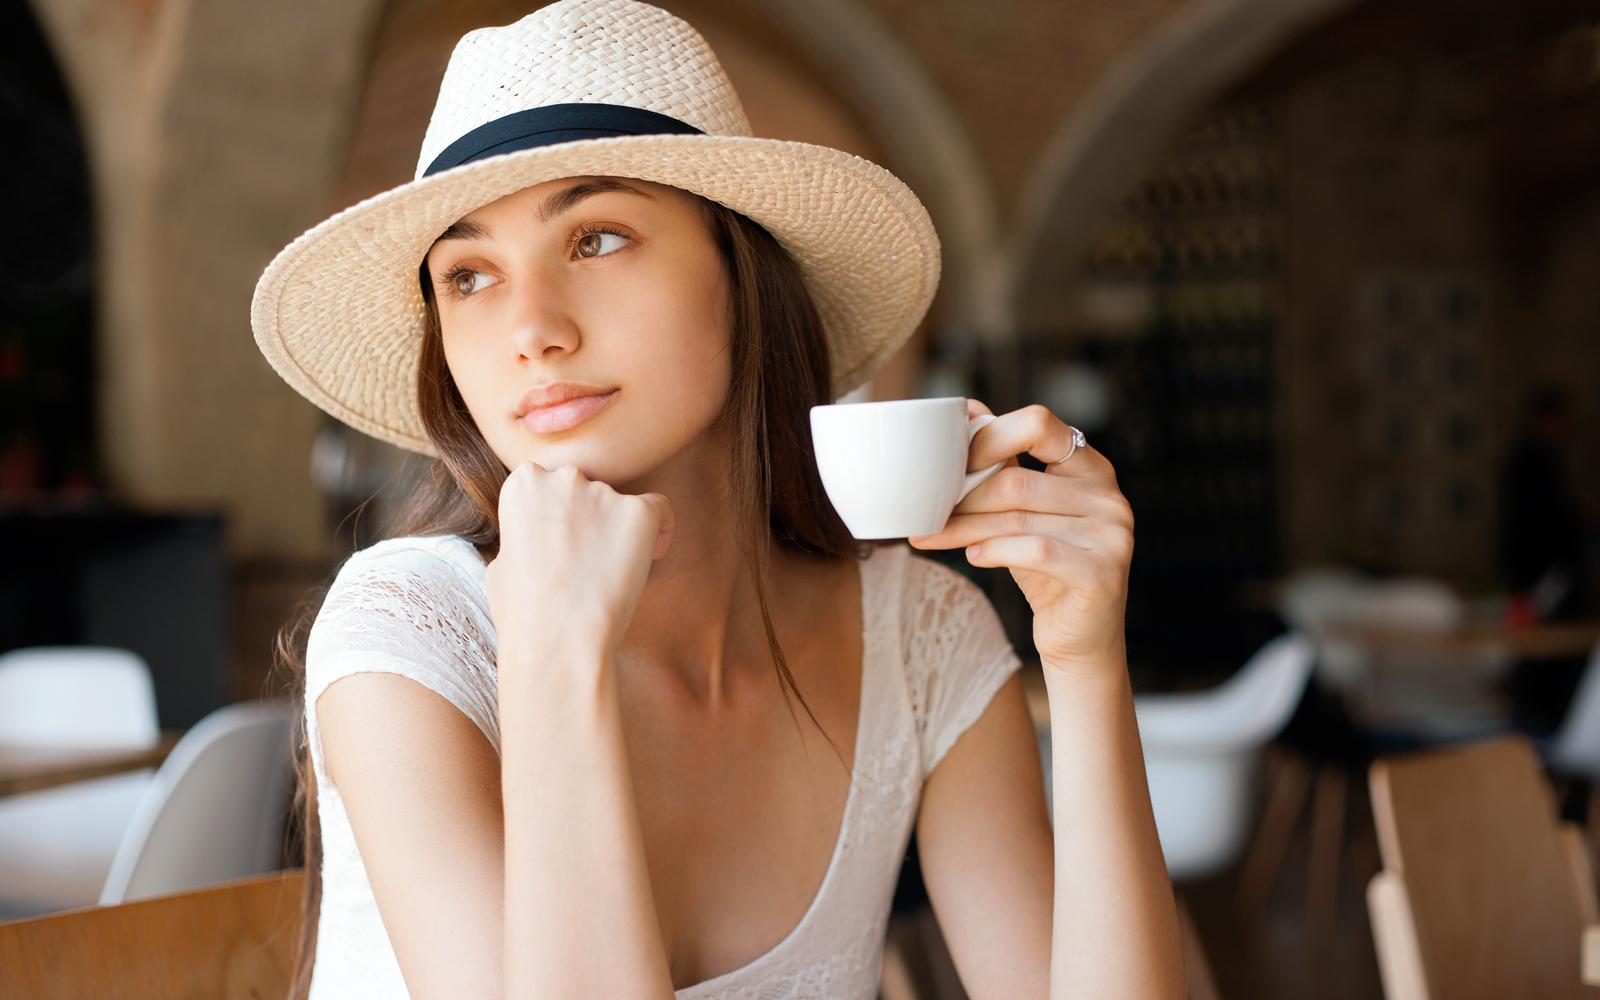 7 trucchi per saziarsi subito e mangiare meno silhouette donna - Mangiare e andare subito in bagno ...